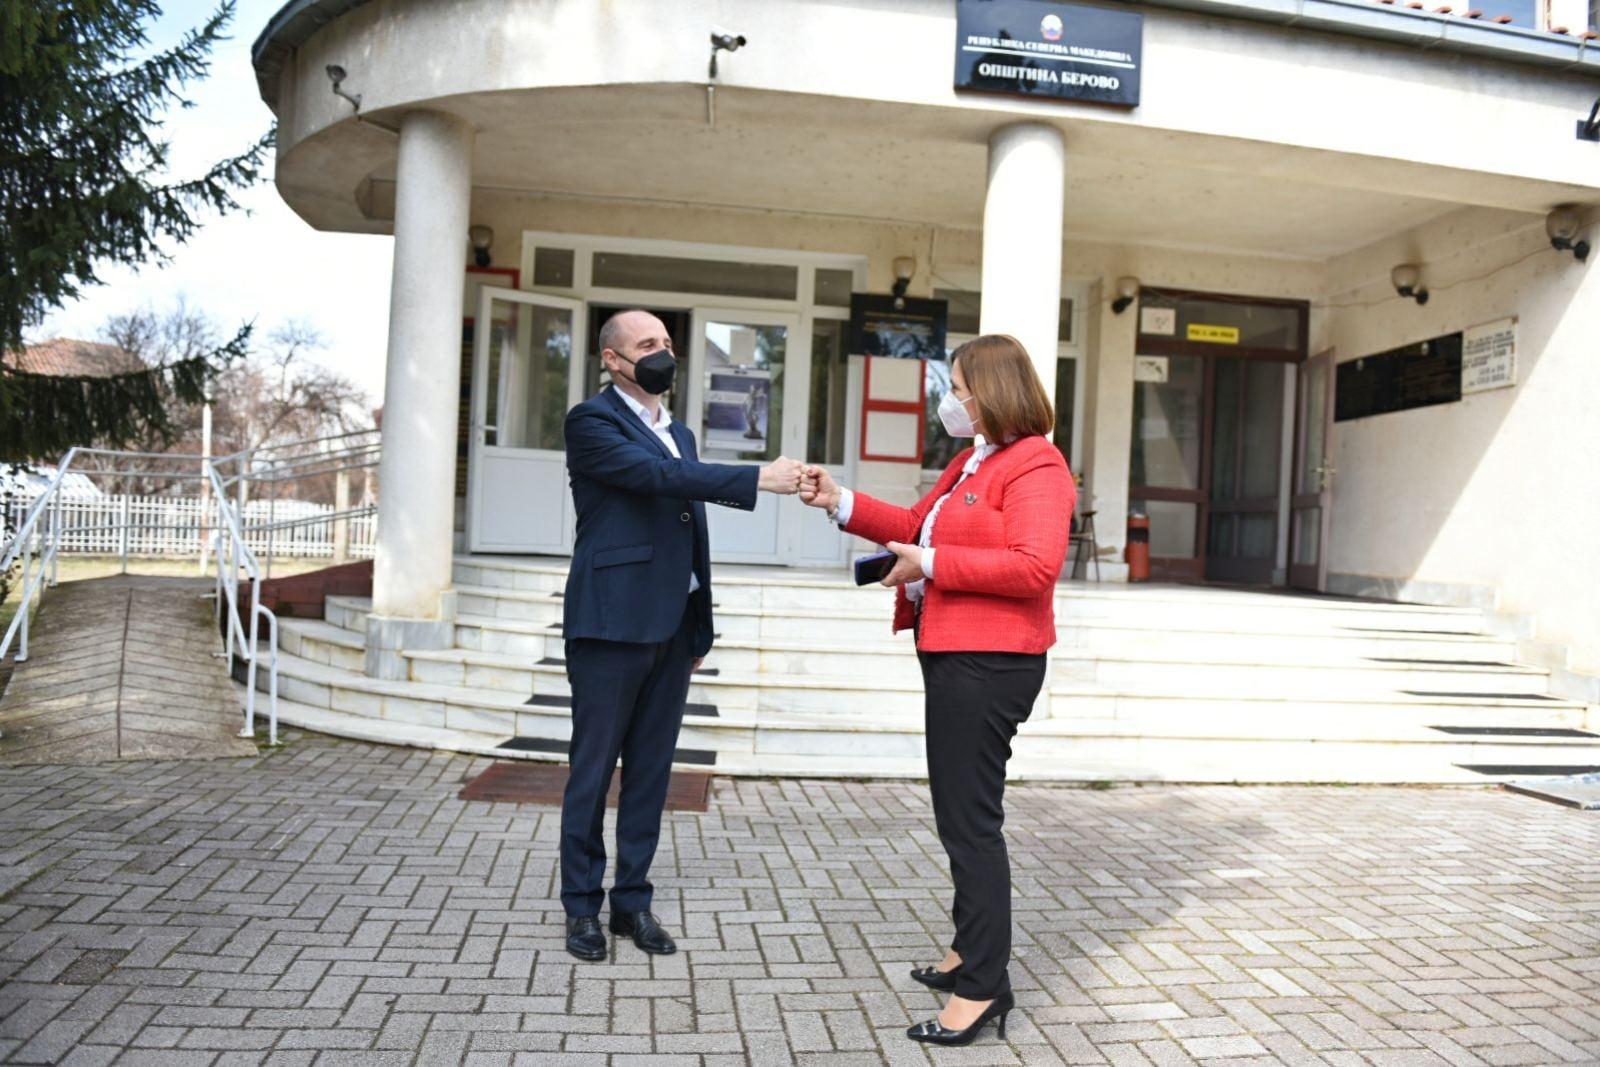 Градоначалникот Пекевски оствари средба со Министерката за труд и социјална политика Шахпаска